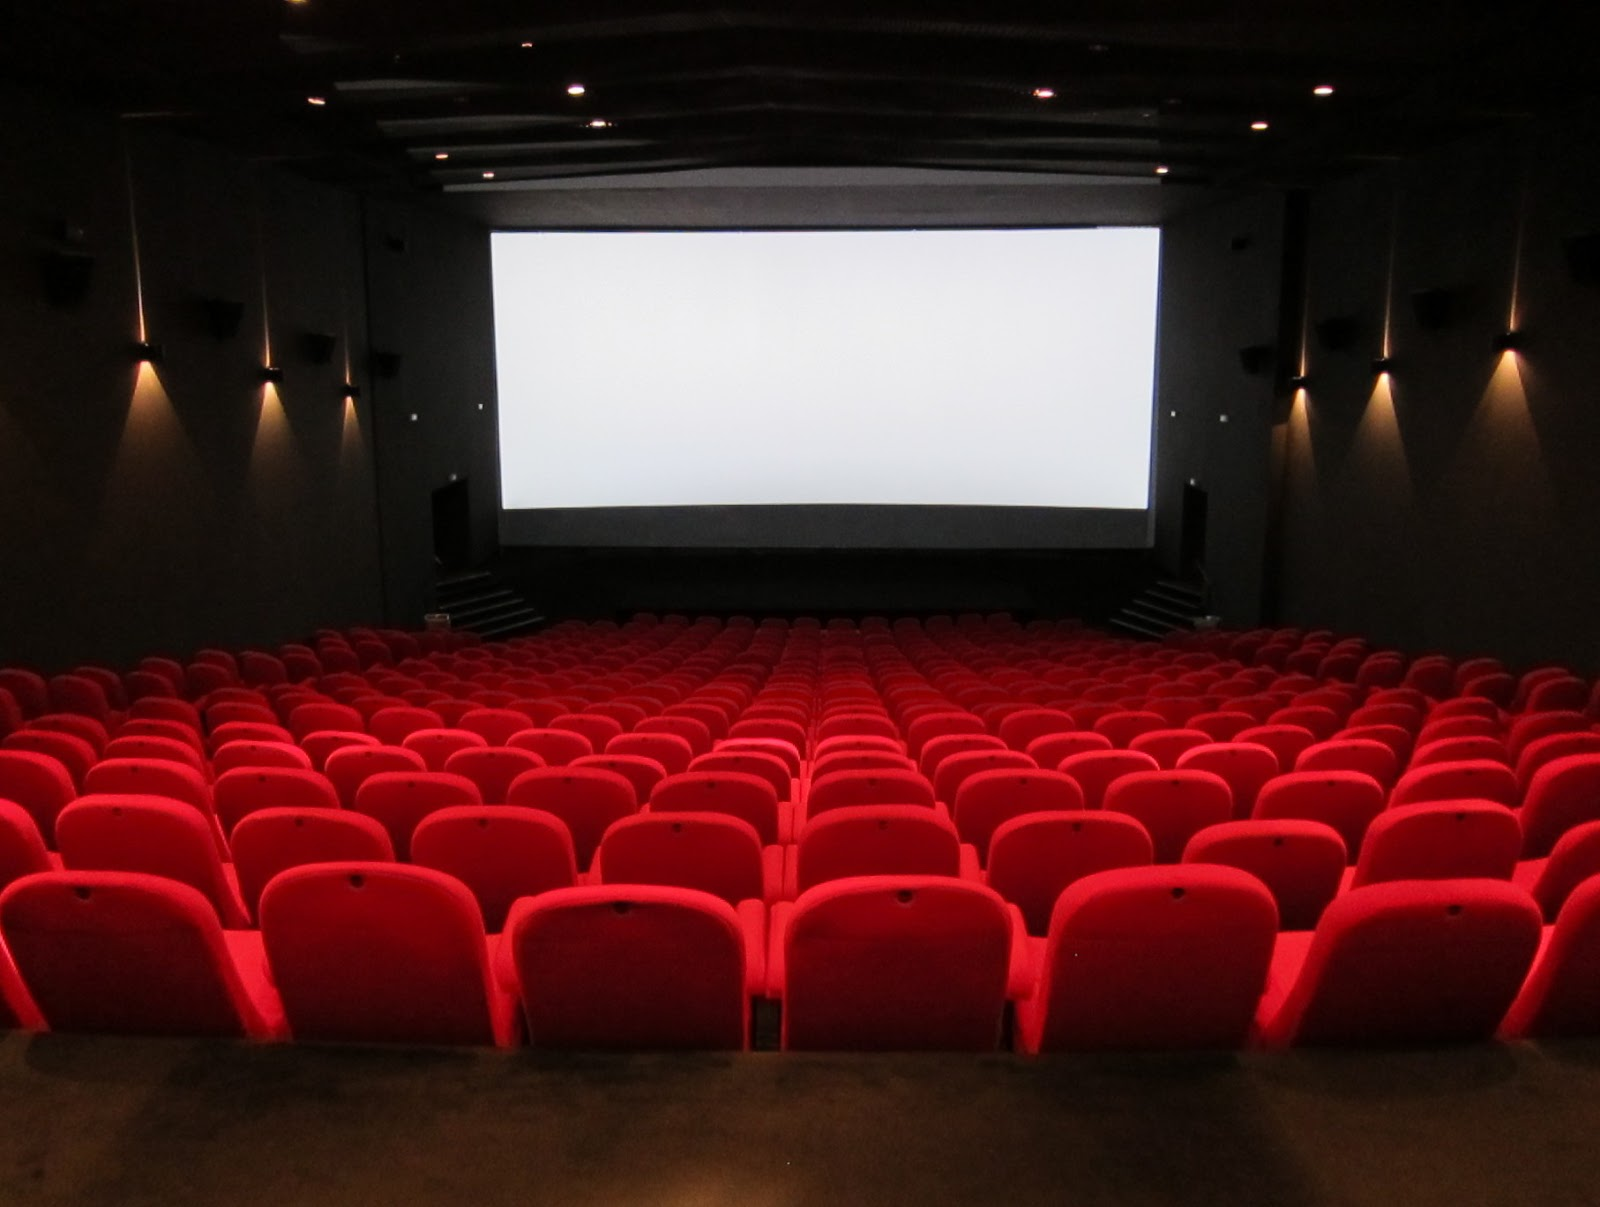 http://lesmeandresdecyprienne.blogspot.com/2016/08/films-qui-redonnent-de-lespoir.html